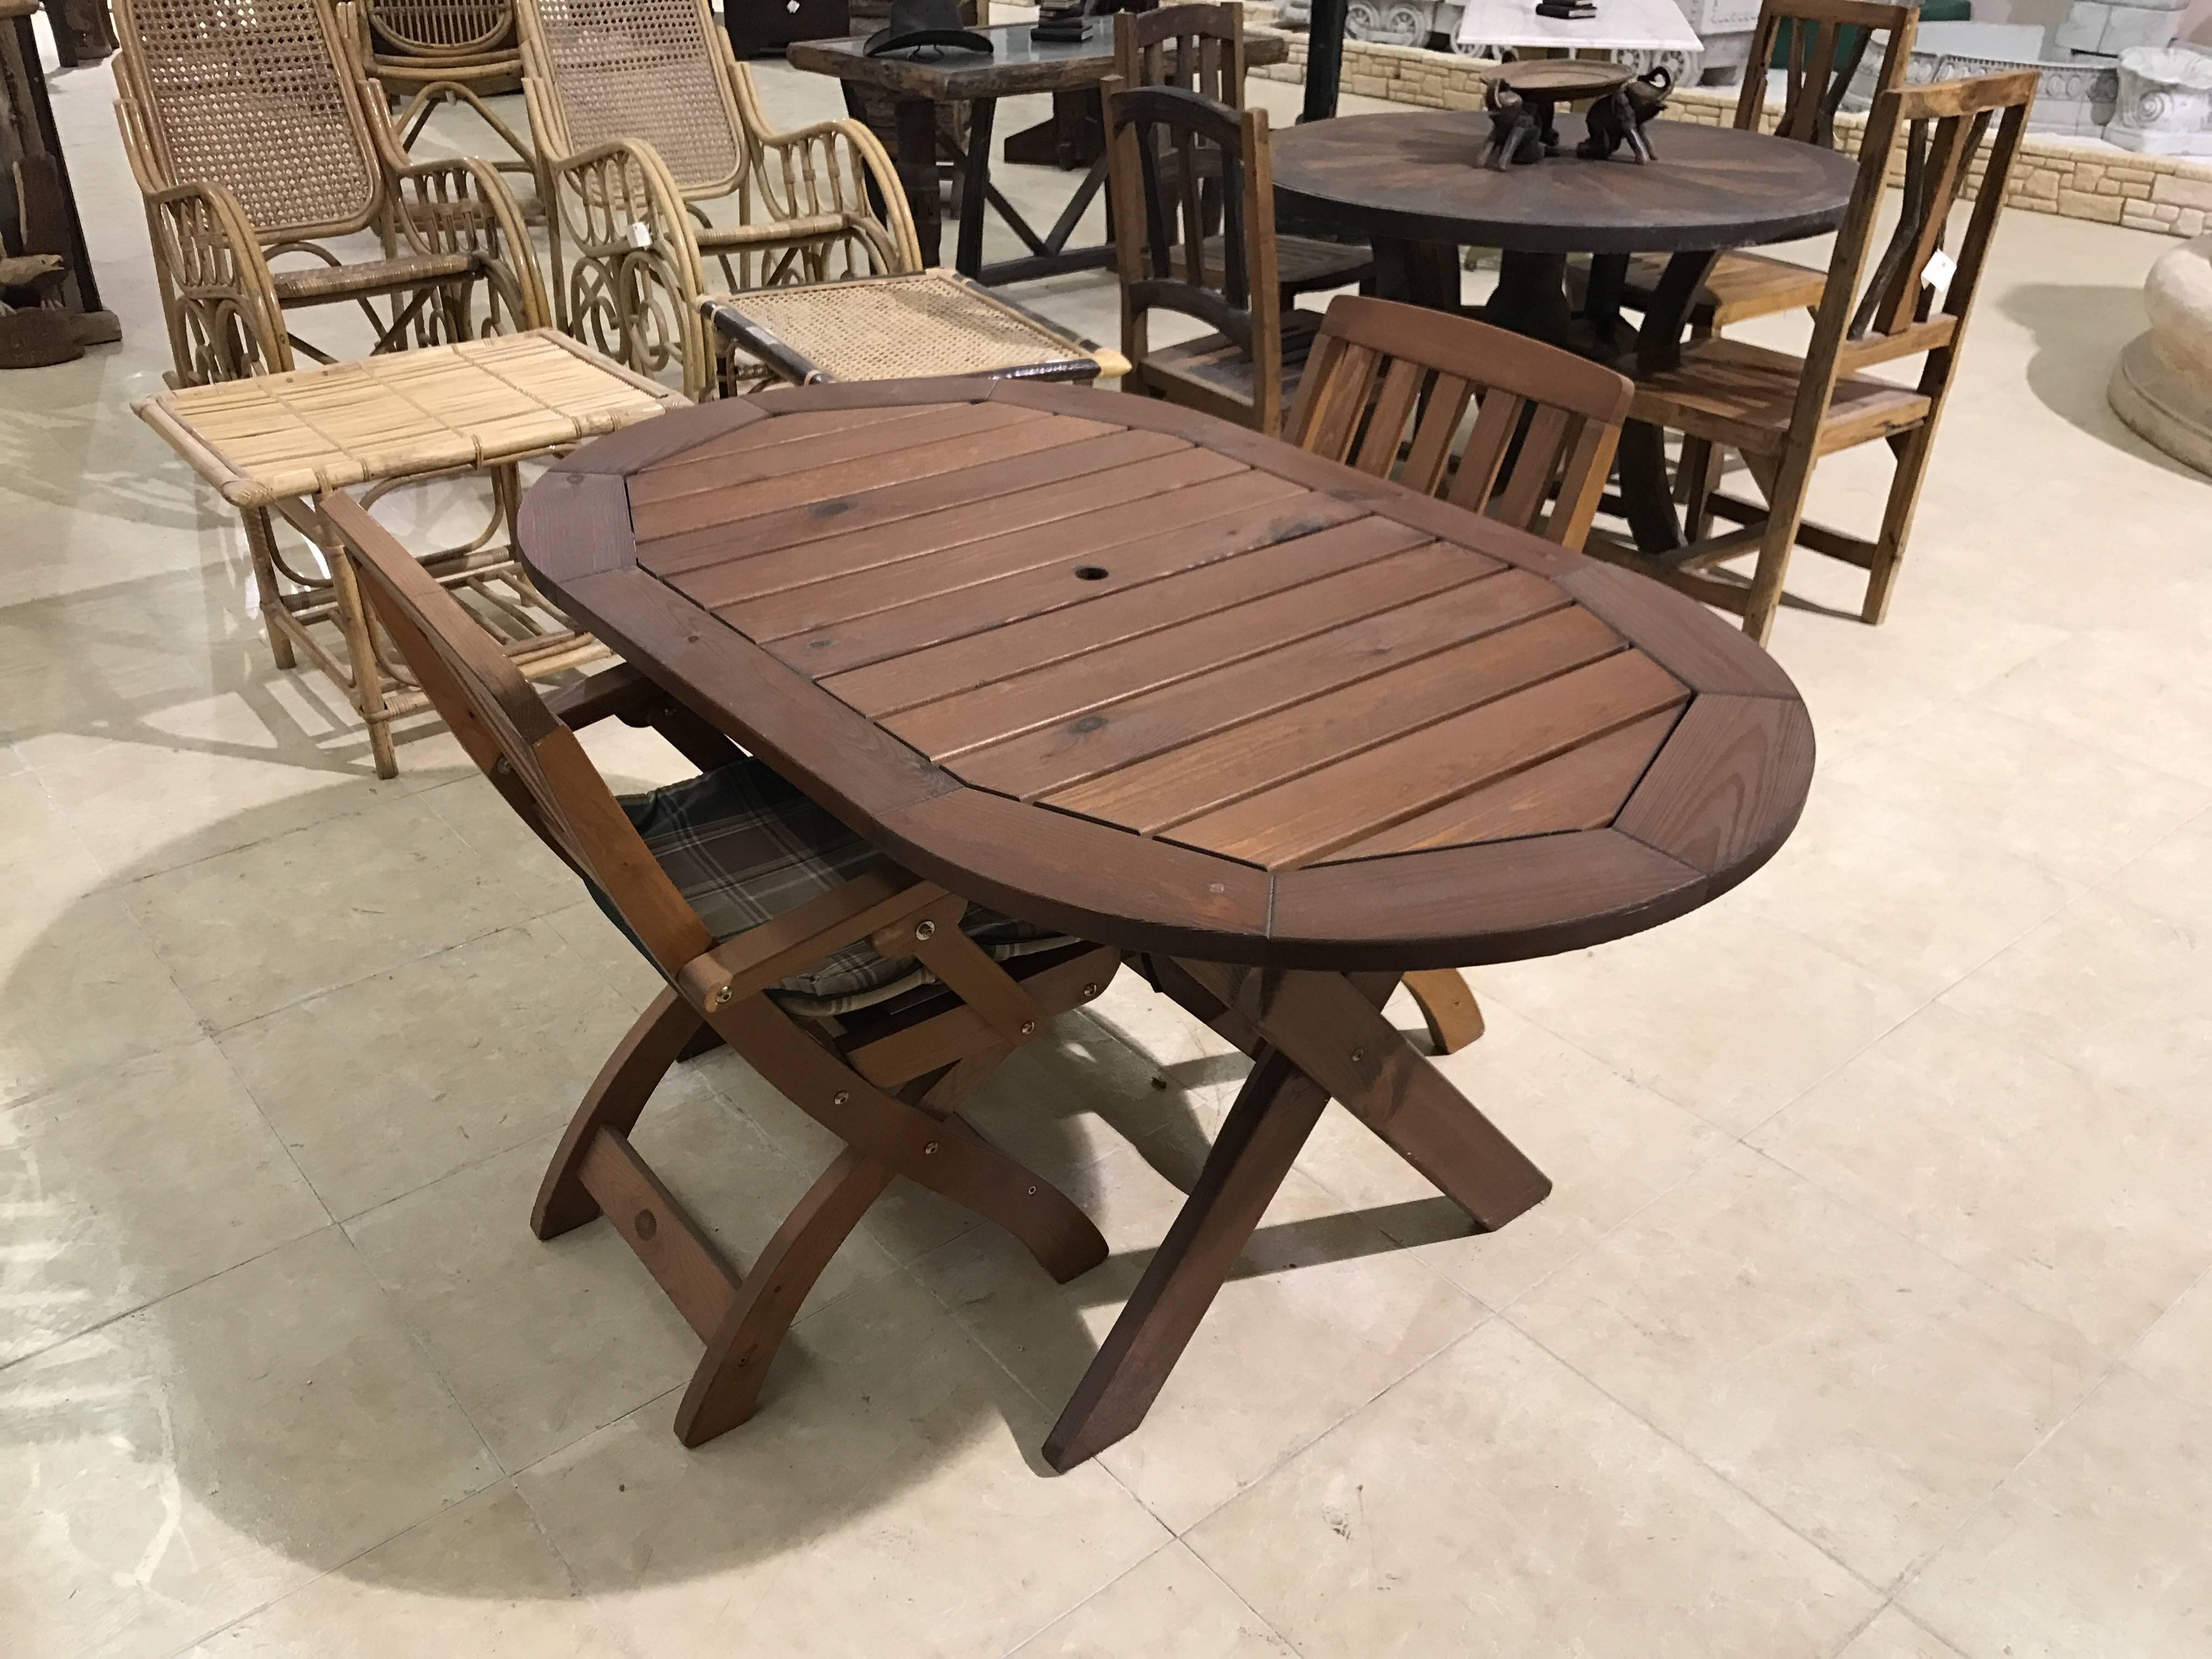 Conjunto mesa terraza ovalada madera pino con 2 sillas plegables